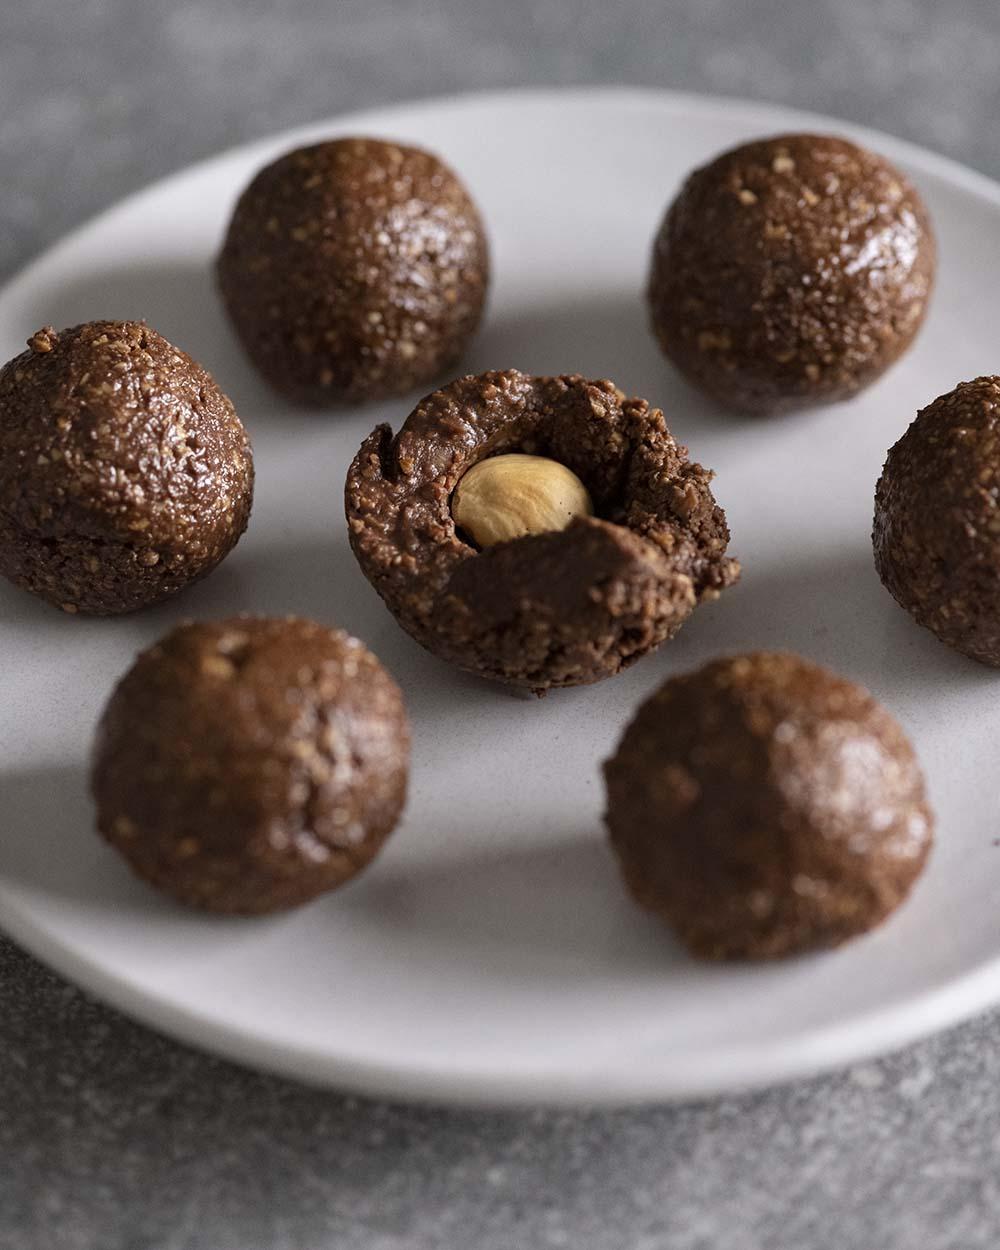 Zu sehen sind mehrere Schoko-Kugeln vor der Glasur mit Schokolade. Eine der Kugeln ist halb offen, damit man die geröstete Haselnuss im Inneren sieht.